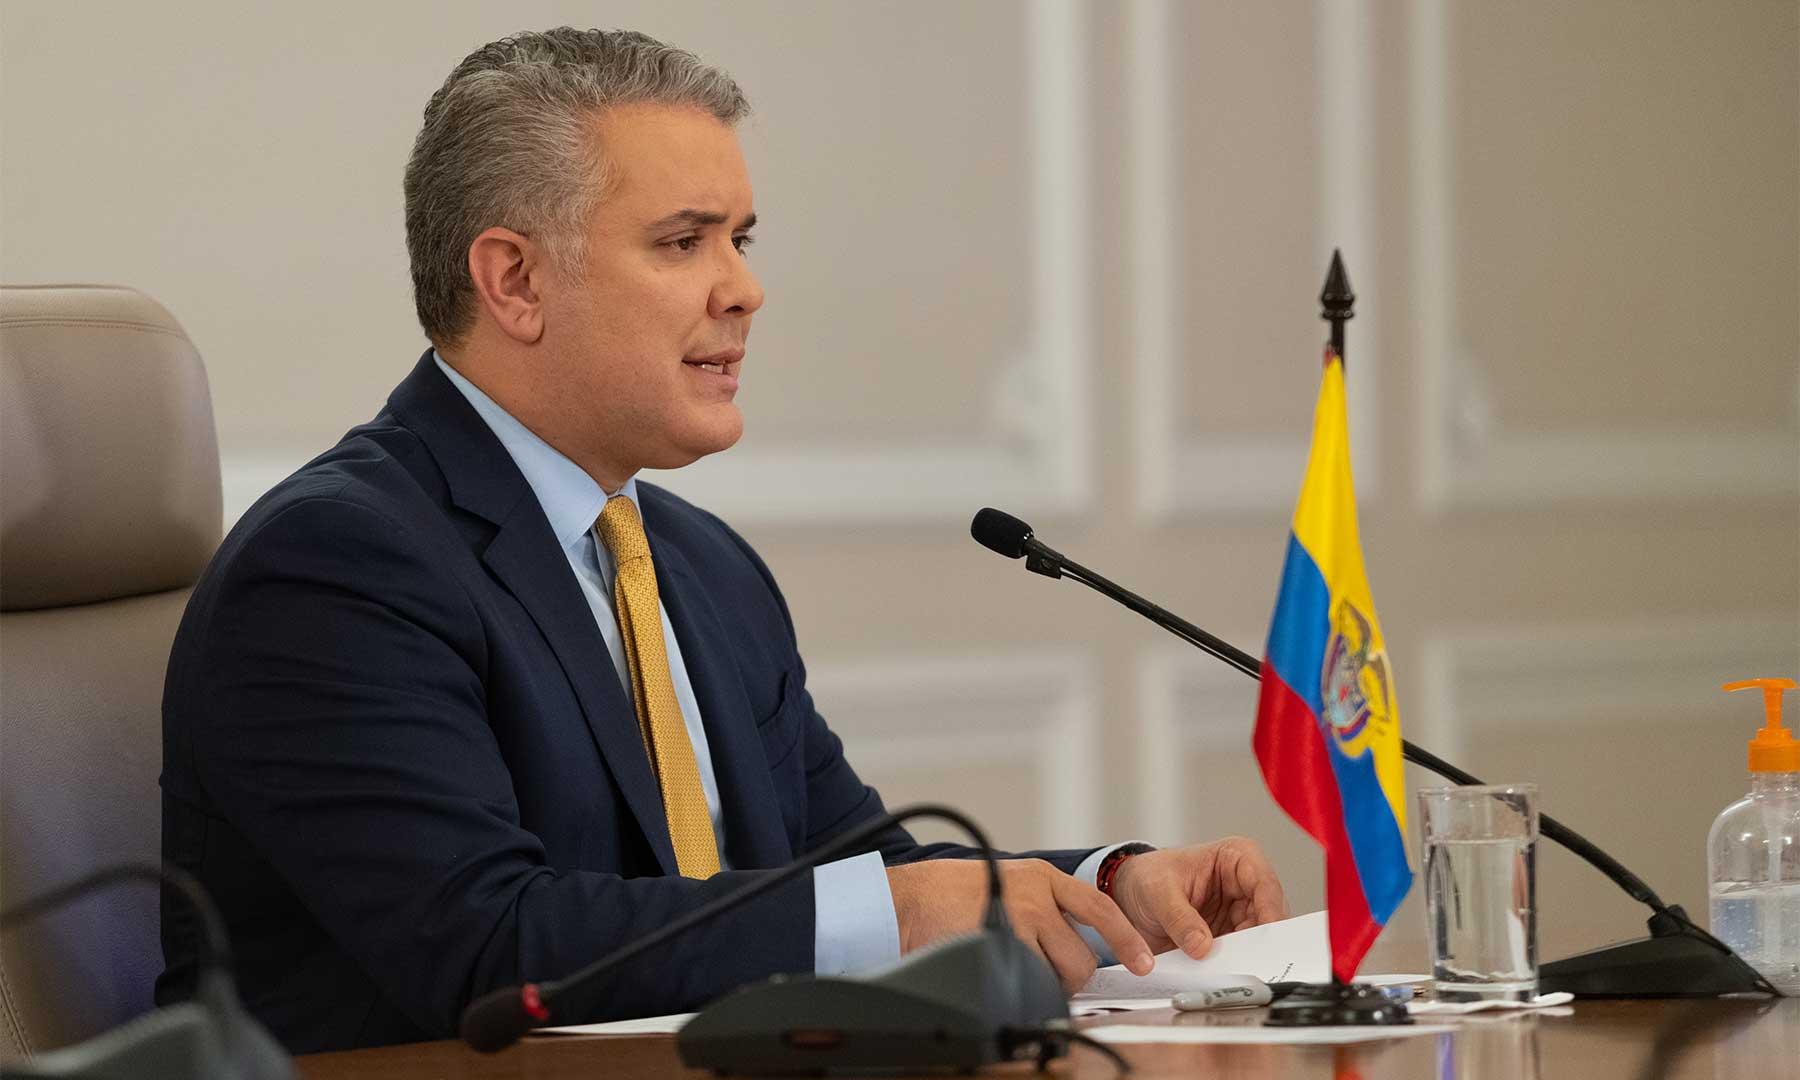 """""""Tenemos que seguir fortaleciendo nuestra disciplina ciudadana"""", expresó el Presidente Iván Duque Márquez, al comenzar la emisión del programa televisivo 'Prevención y Acción' de este jueves."""